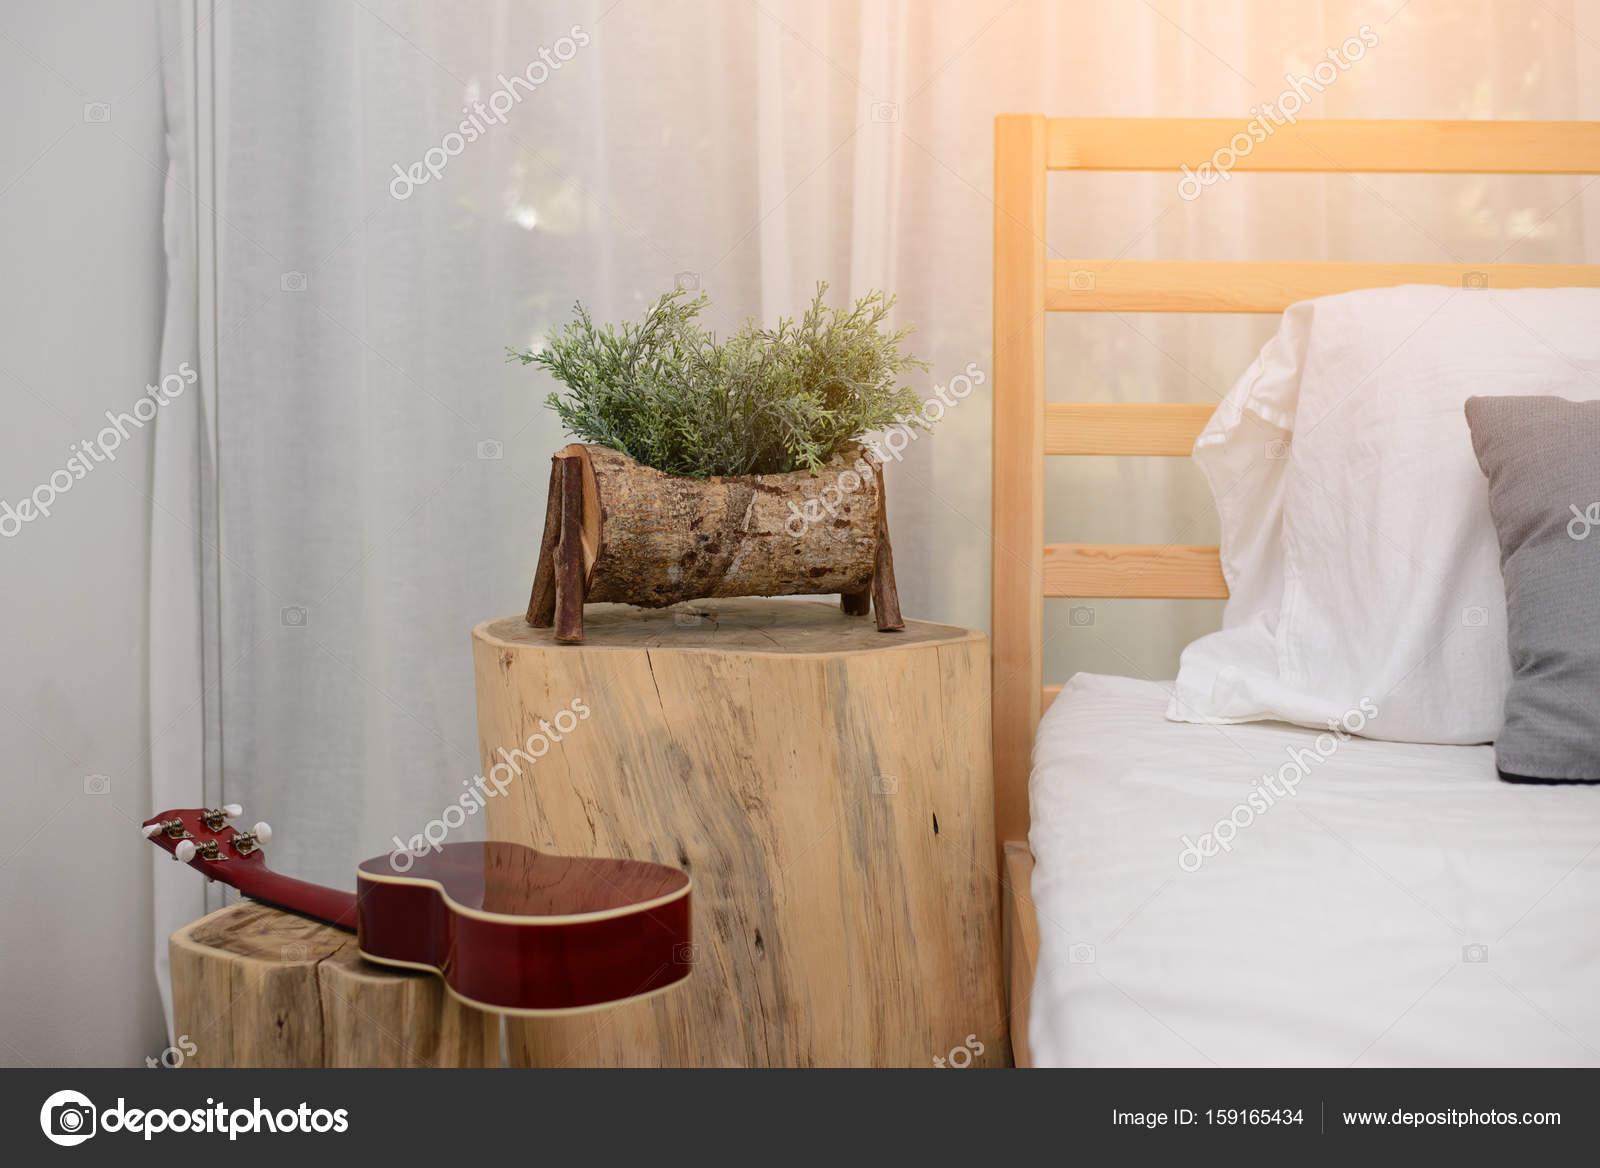 Aus Holz Glas Blumen Im Schlafzimmer Stockfoto C Itman47 159165434